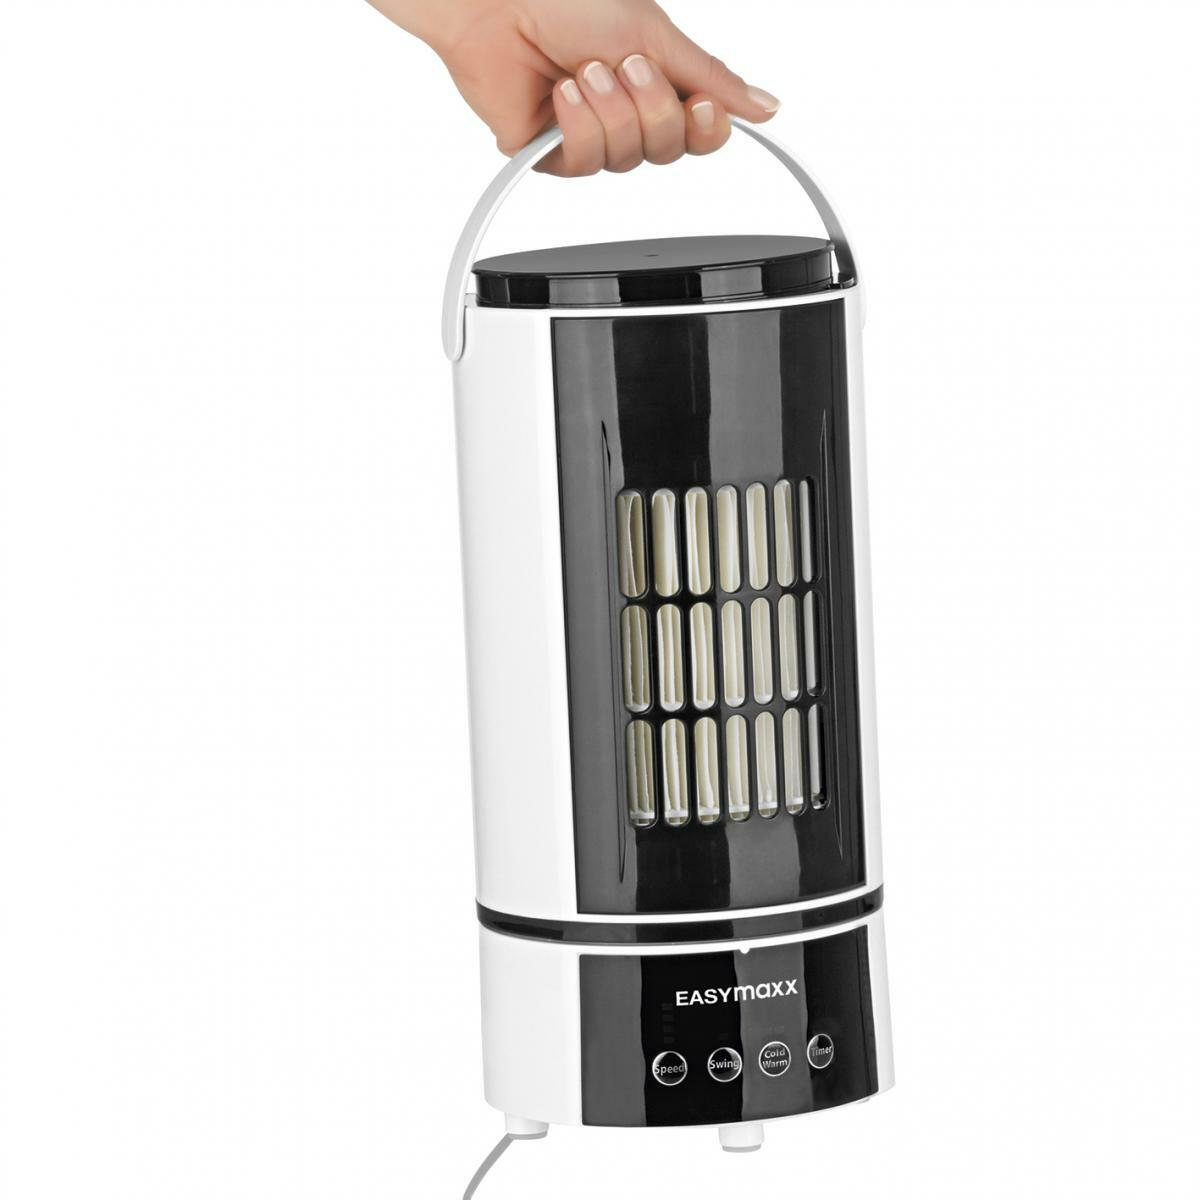 Bild 5 von EASYmaxx Klimagerät Kühlen & Heizen 2in1 800W weiß/schwarz mit Fernb. + Timer